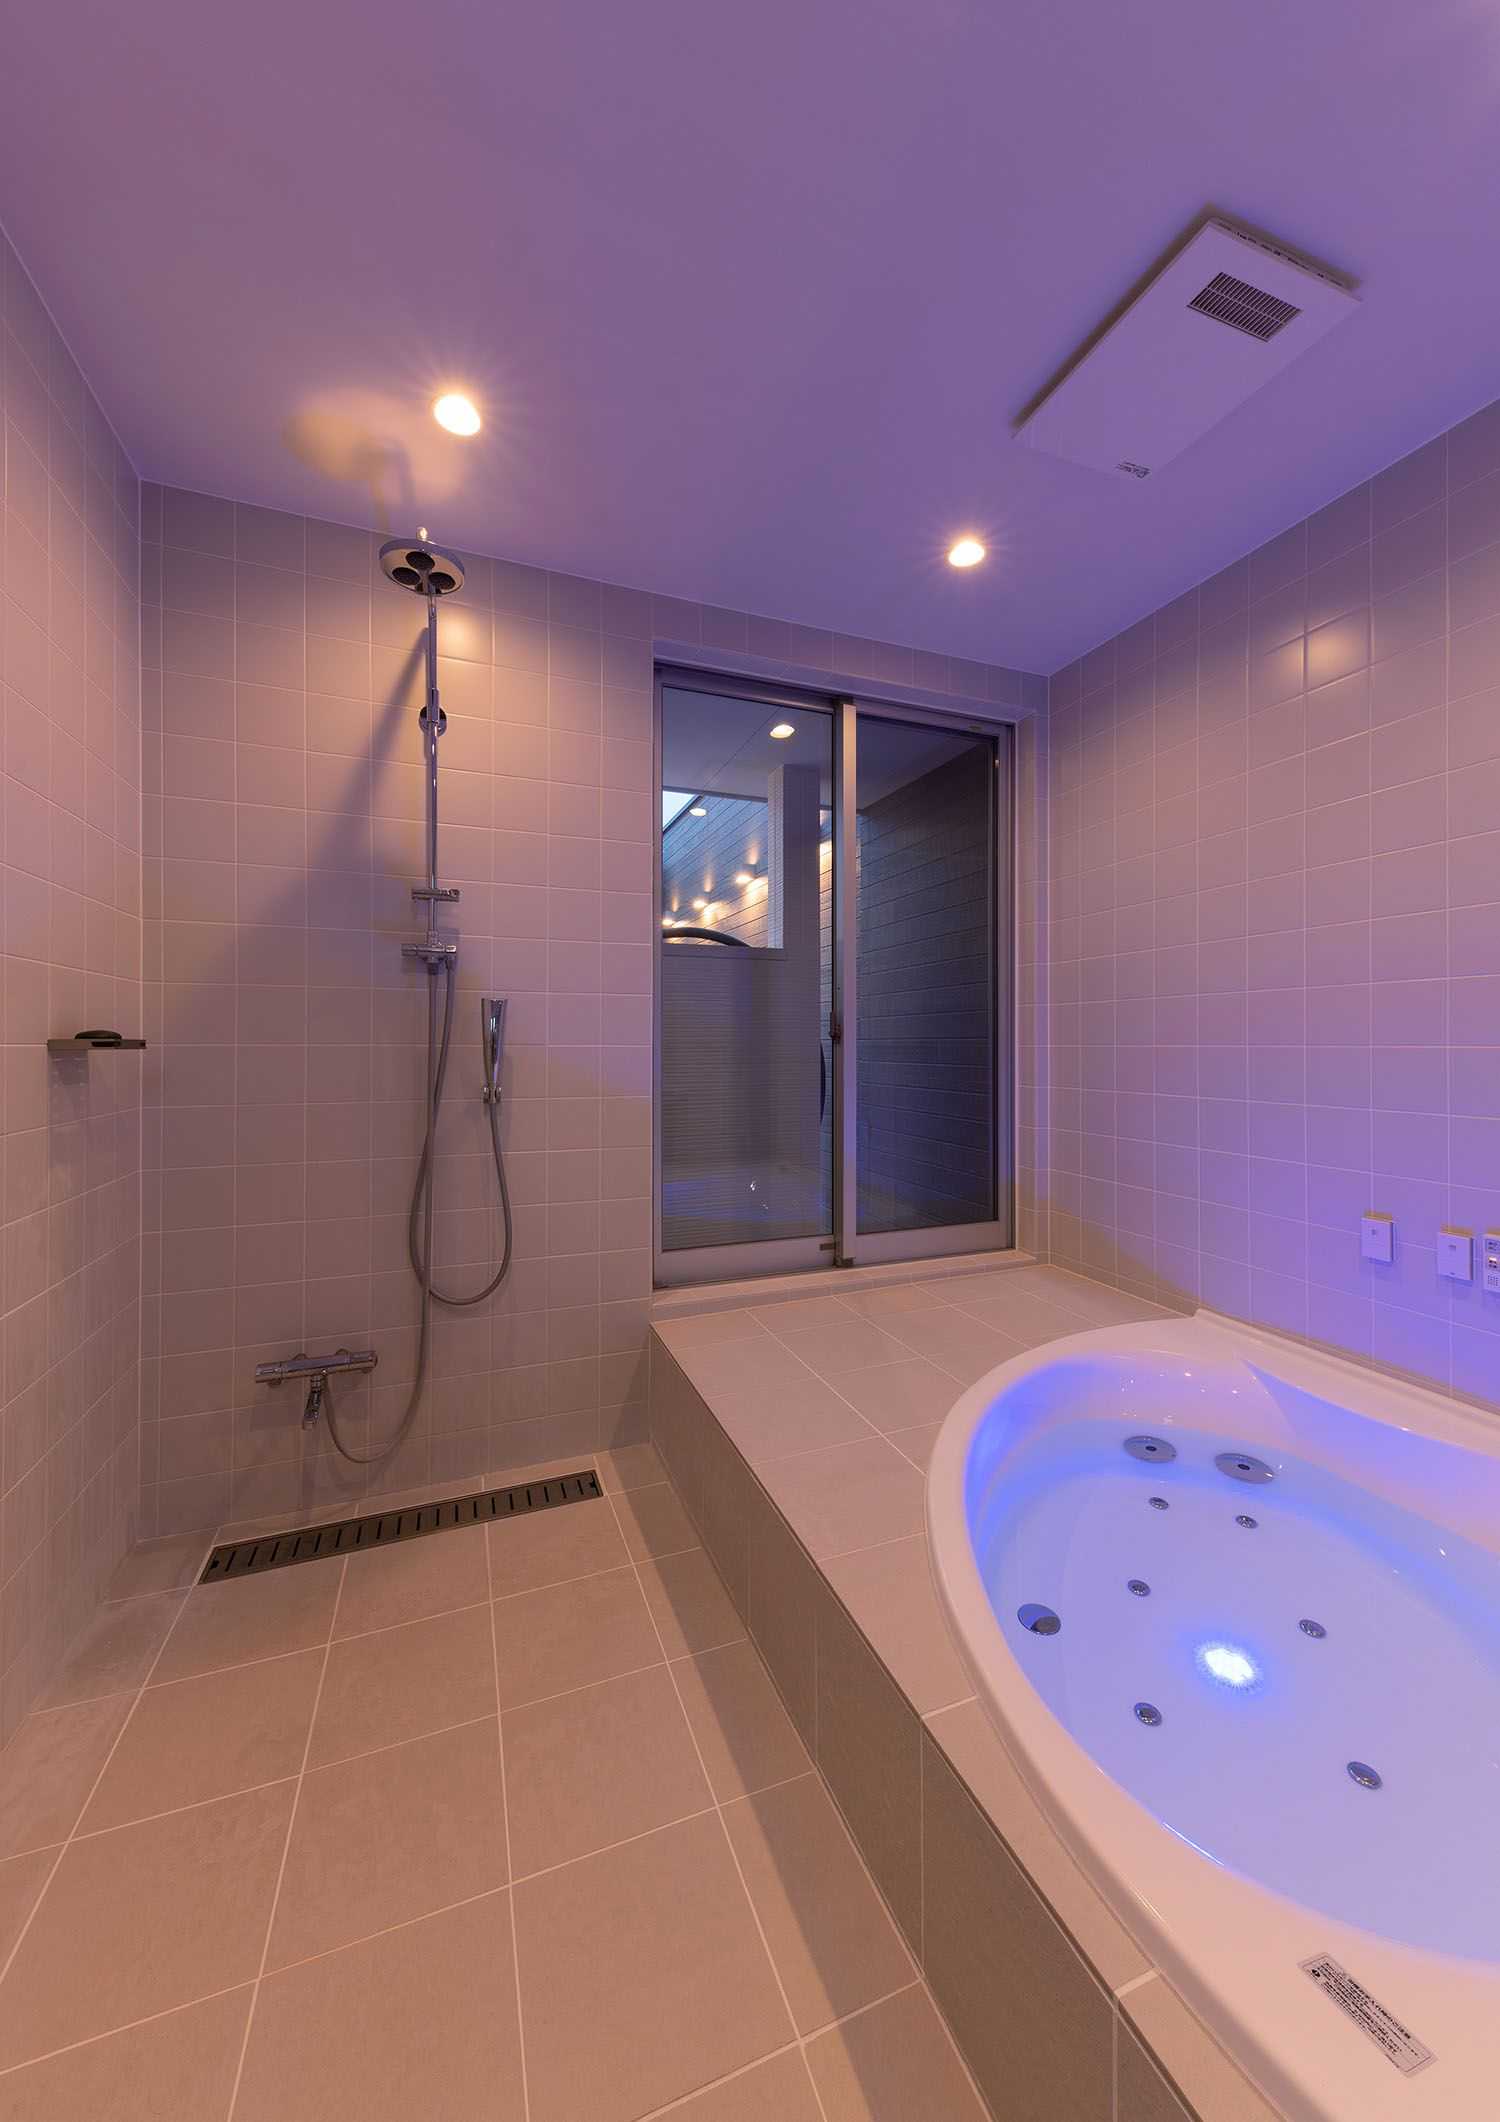 Case682 Casa De Resort 浴室 インテリア 浴室 デザイン リビング インテリア リゾート